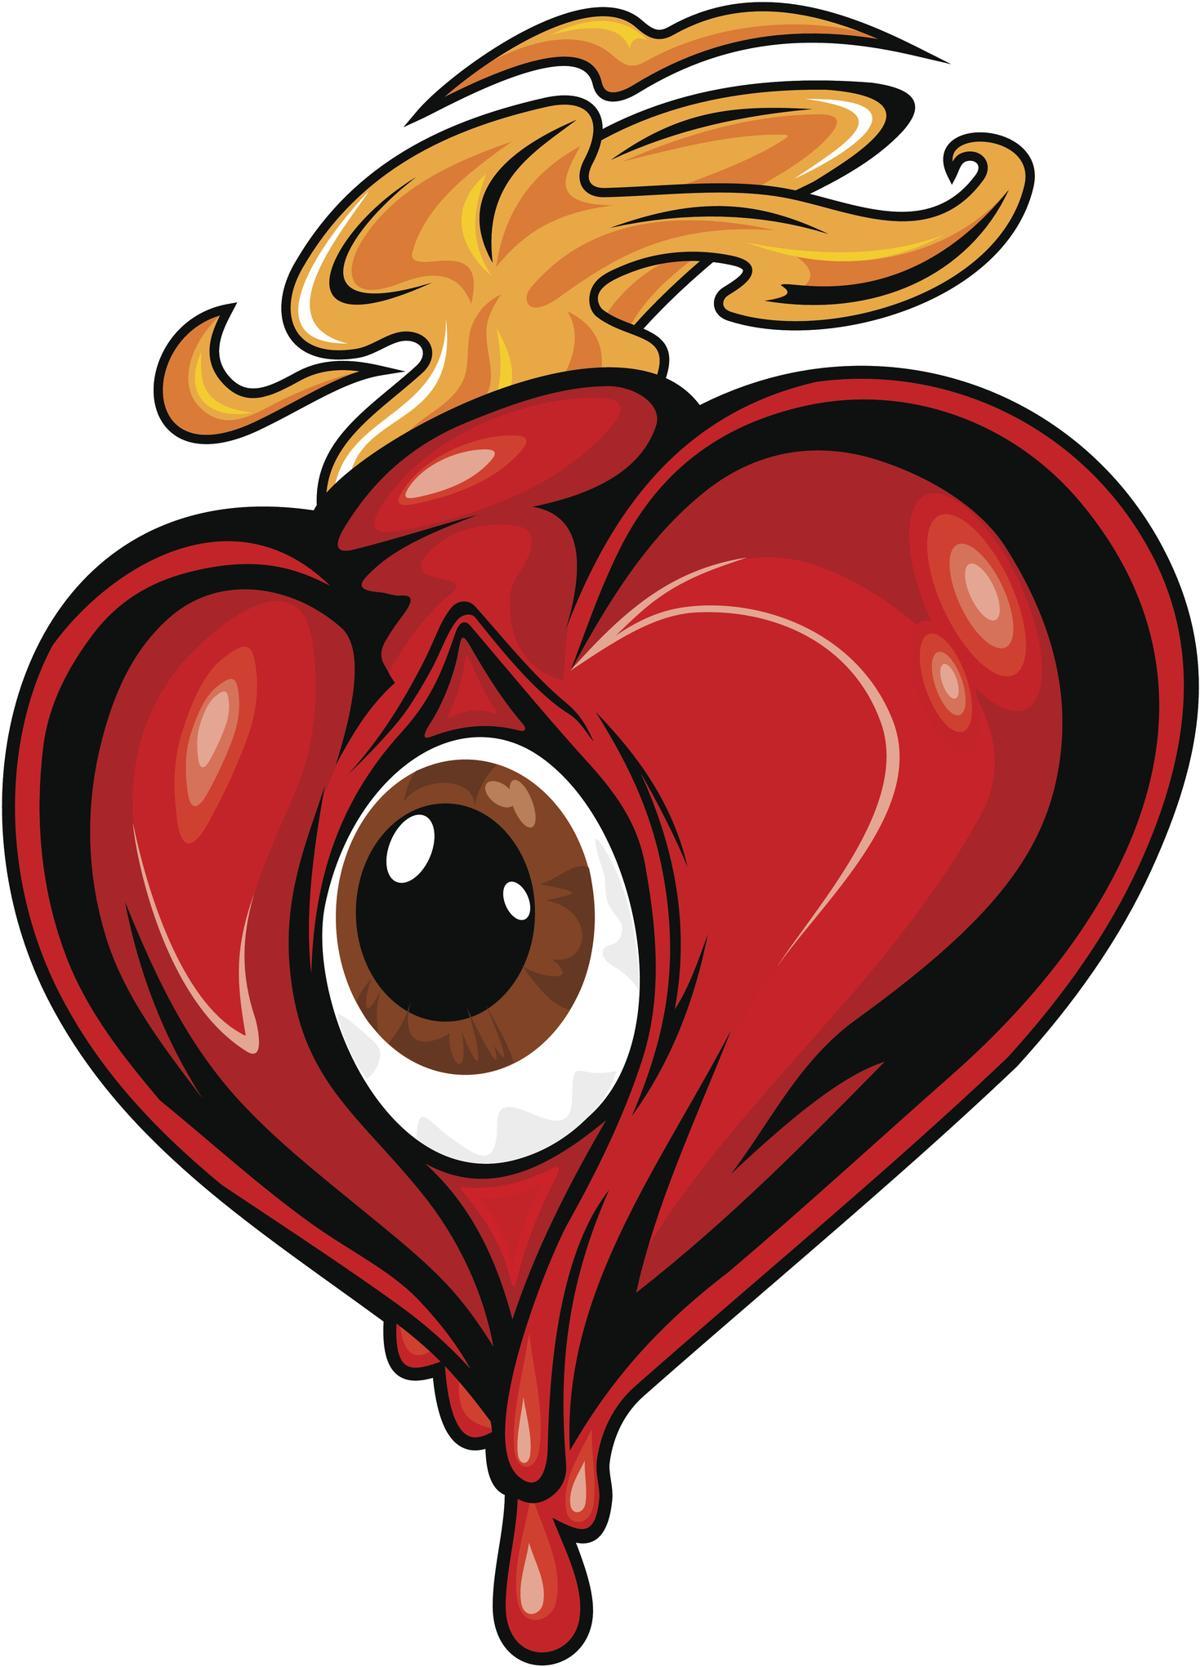 1200x1667 Flaming Heart Tattoo